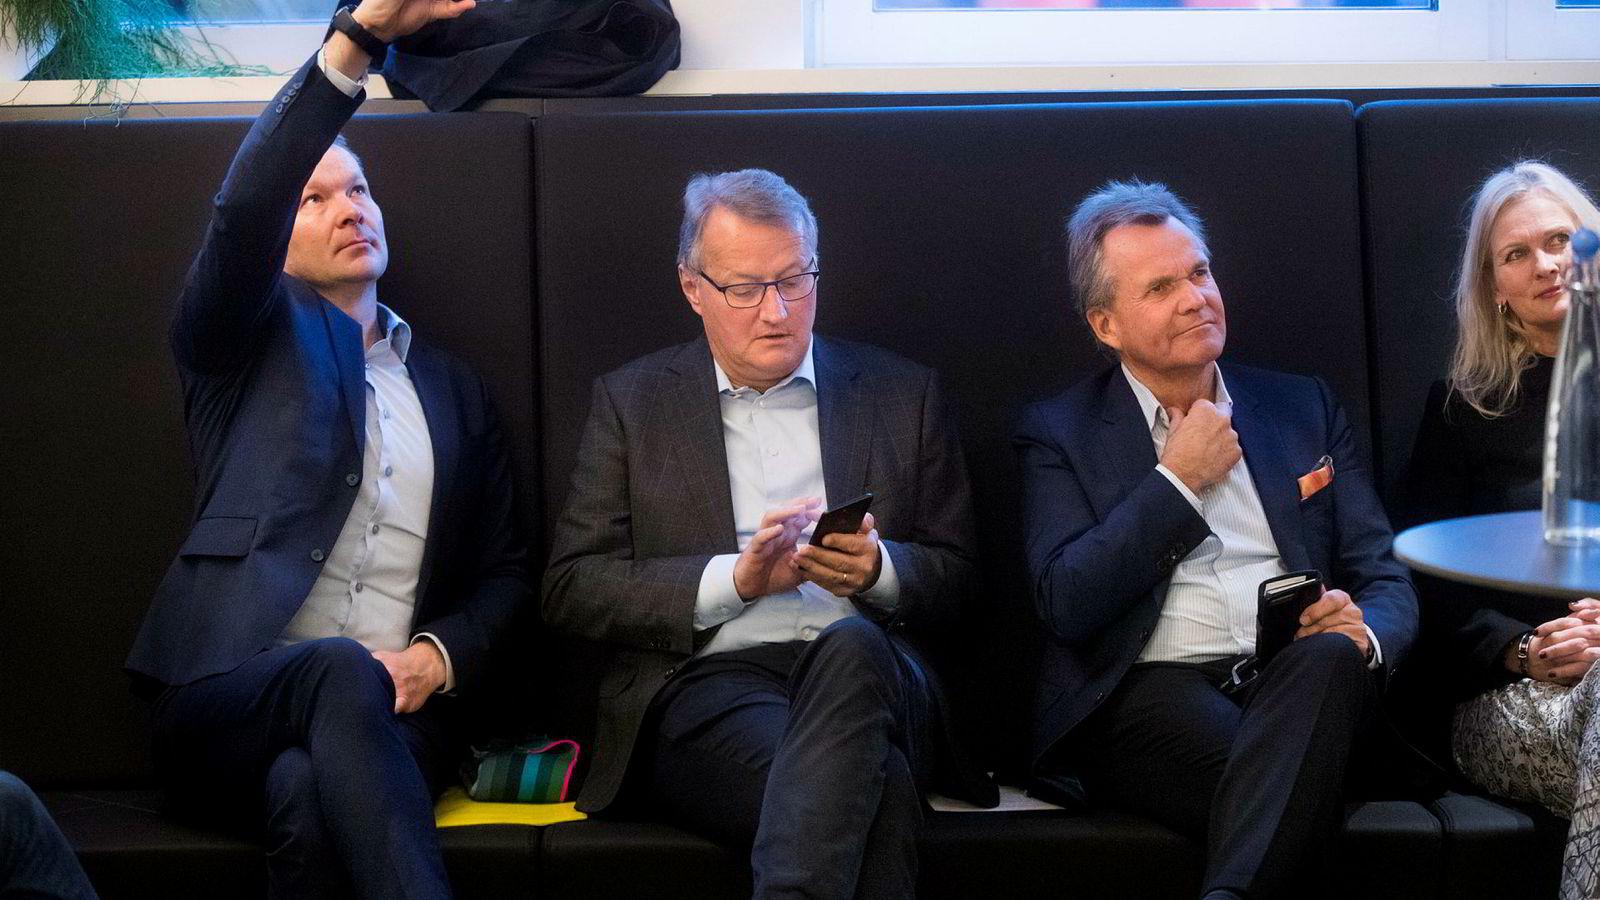 Banksjefene var ivrig med mobiltelefonene hos Eika Gruppen i Oslo fredag, og åpner for å ta Vipps til kontinentet. Fra venstre: DNBs kommunikasjonsdirektør Thomas Midteide, DNB-sjef Rune Bjerke, Finn Haugan i Sparebank 1 og Eikas konsernsjef Hege Toft-Karlsen.